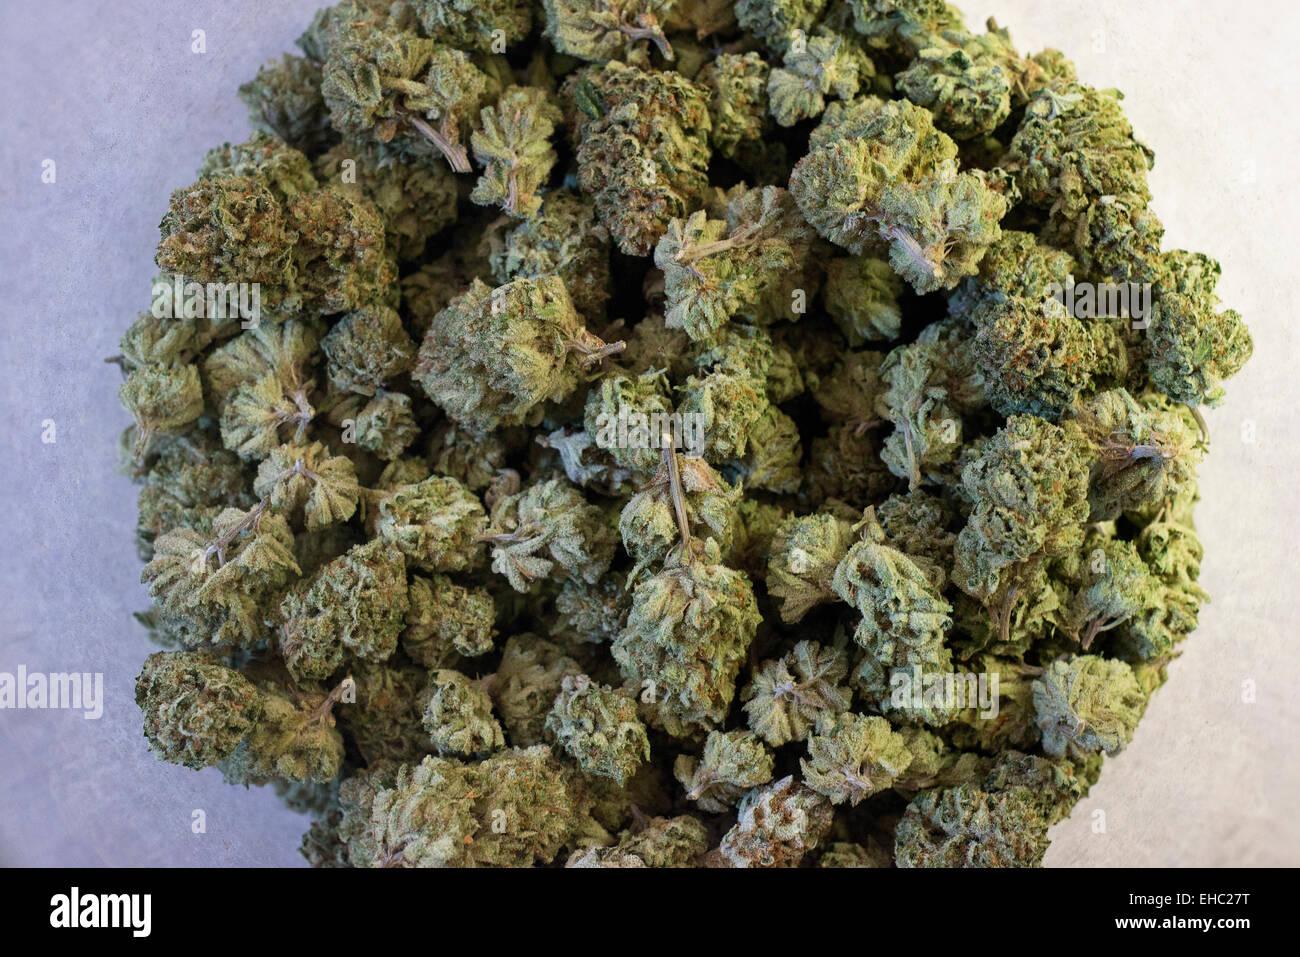 Medical Marijuana Stock Photos Medical Marijuana Stock Images Alamy